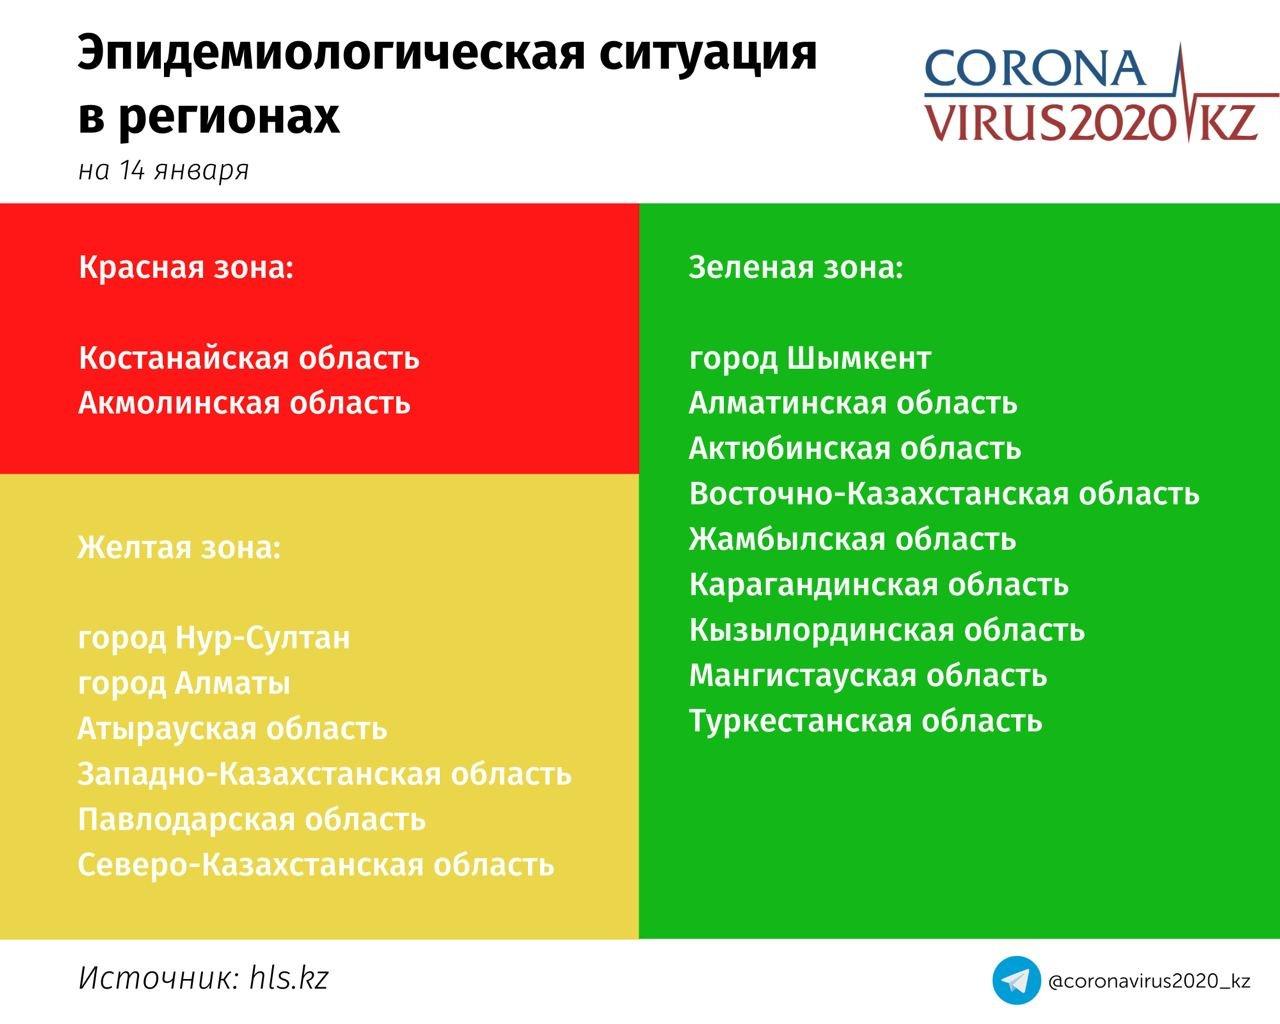 Эпидемиологическая ситуация в регионах Казахстана